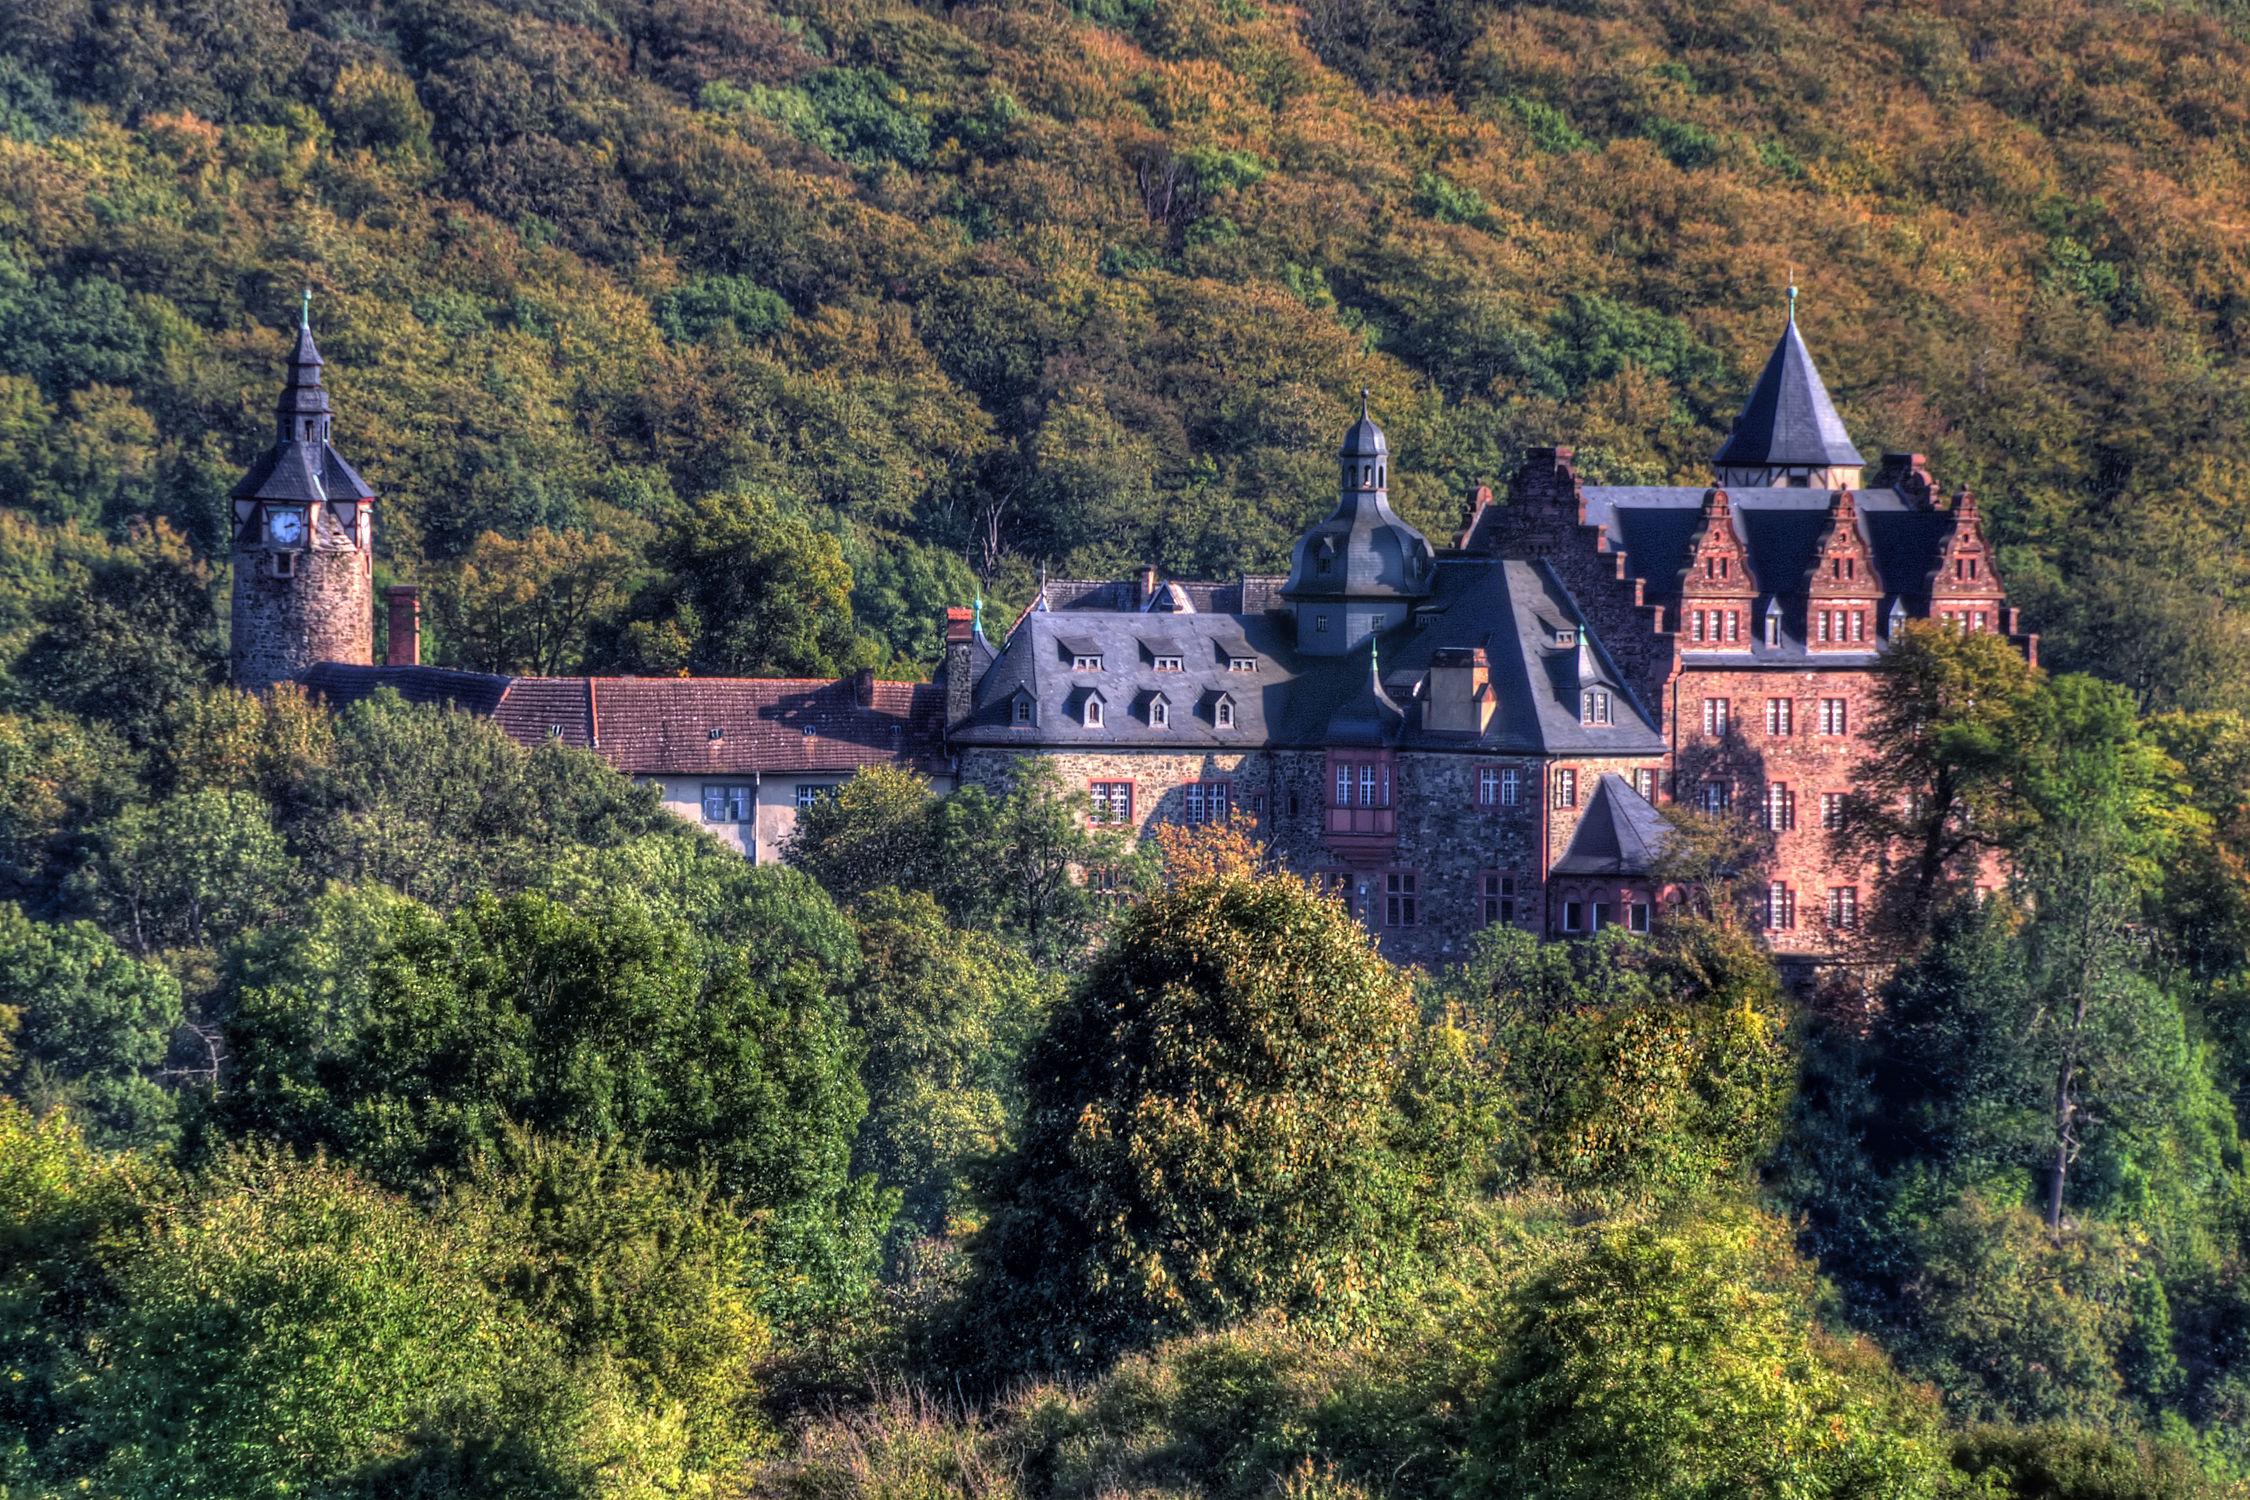 Bild mit Architektur, Gebäude, Sommer, Schlösser, Schloss, Burg, landscape, garten, Burgen, schlossgarten, königlich, rammelburg